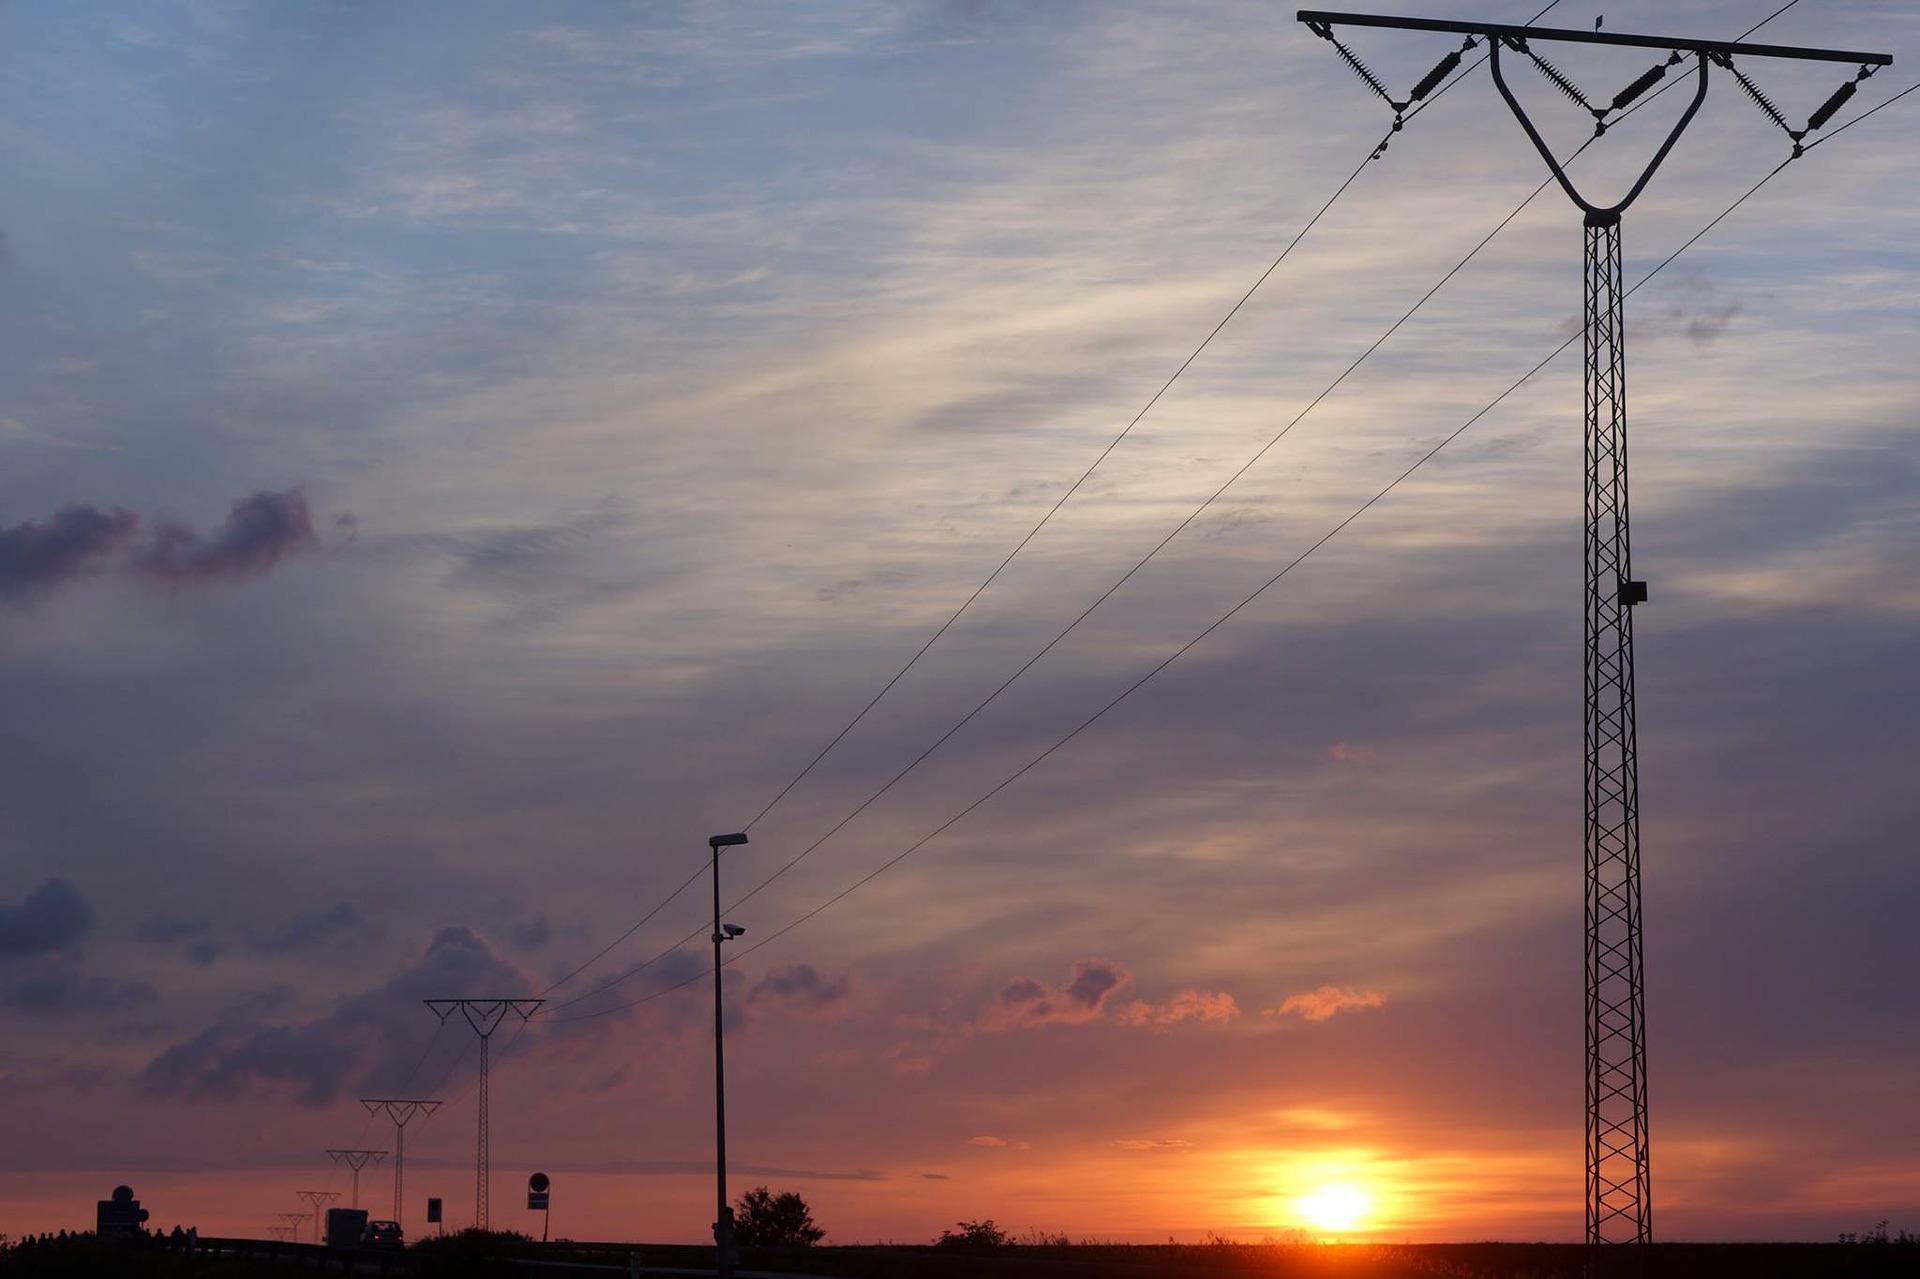 Διακοπή ρεύματος: Οι περιοχές που δεν θα έχουν ρεύμα την Μεγάλη Τετάρτη